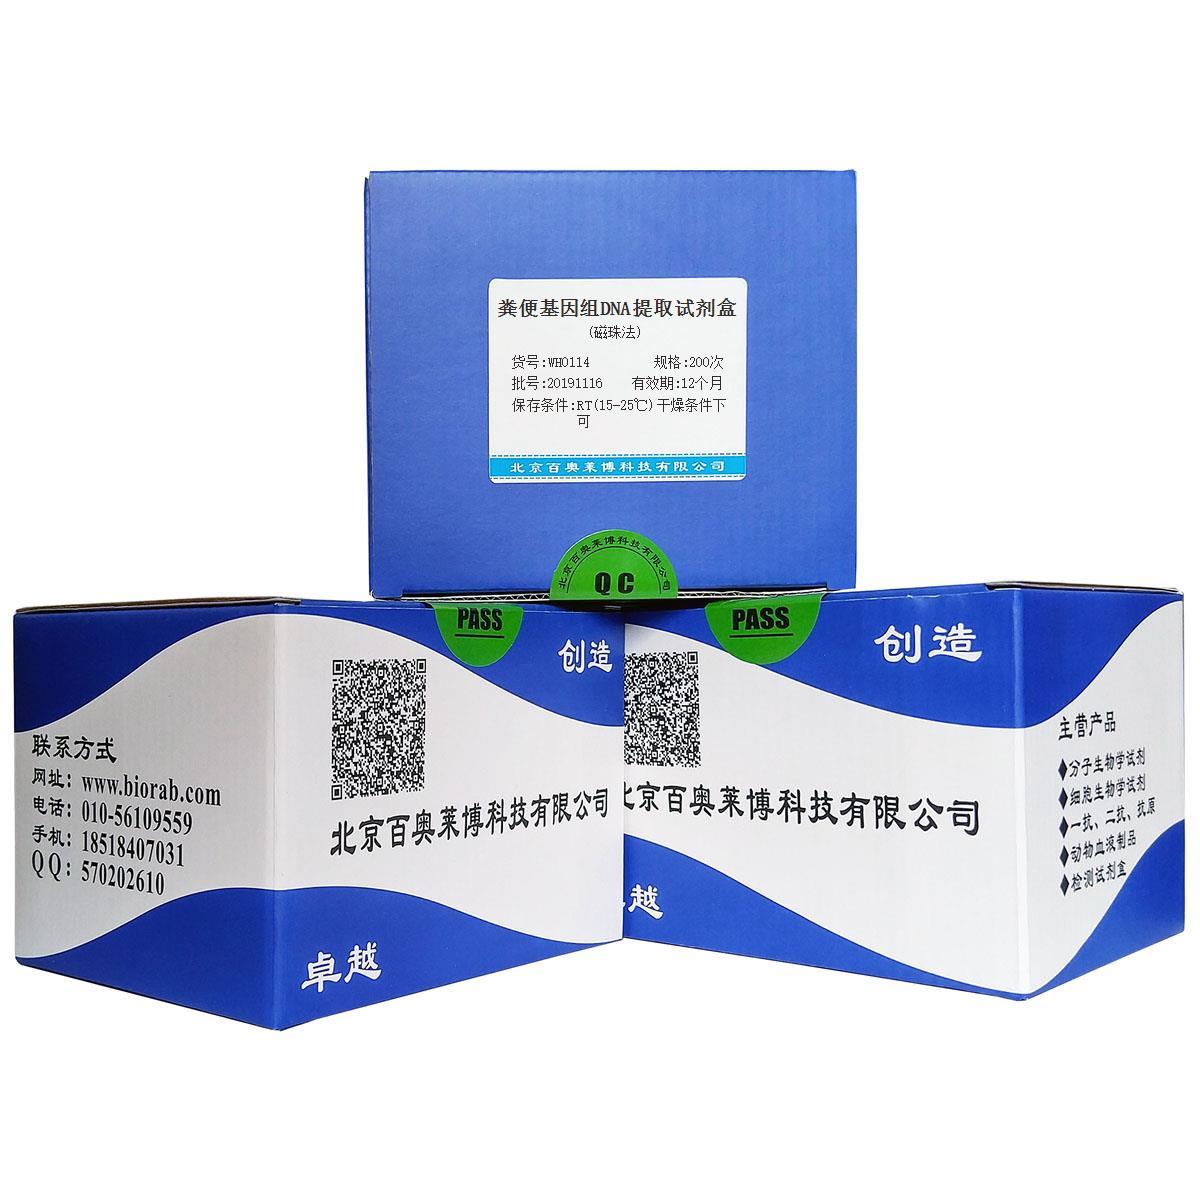 粪便基因组DNA提取试剂盒(磁珠法)优惠促销